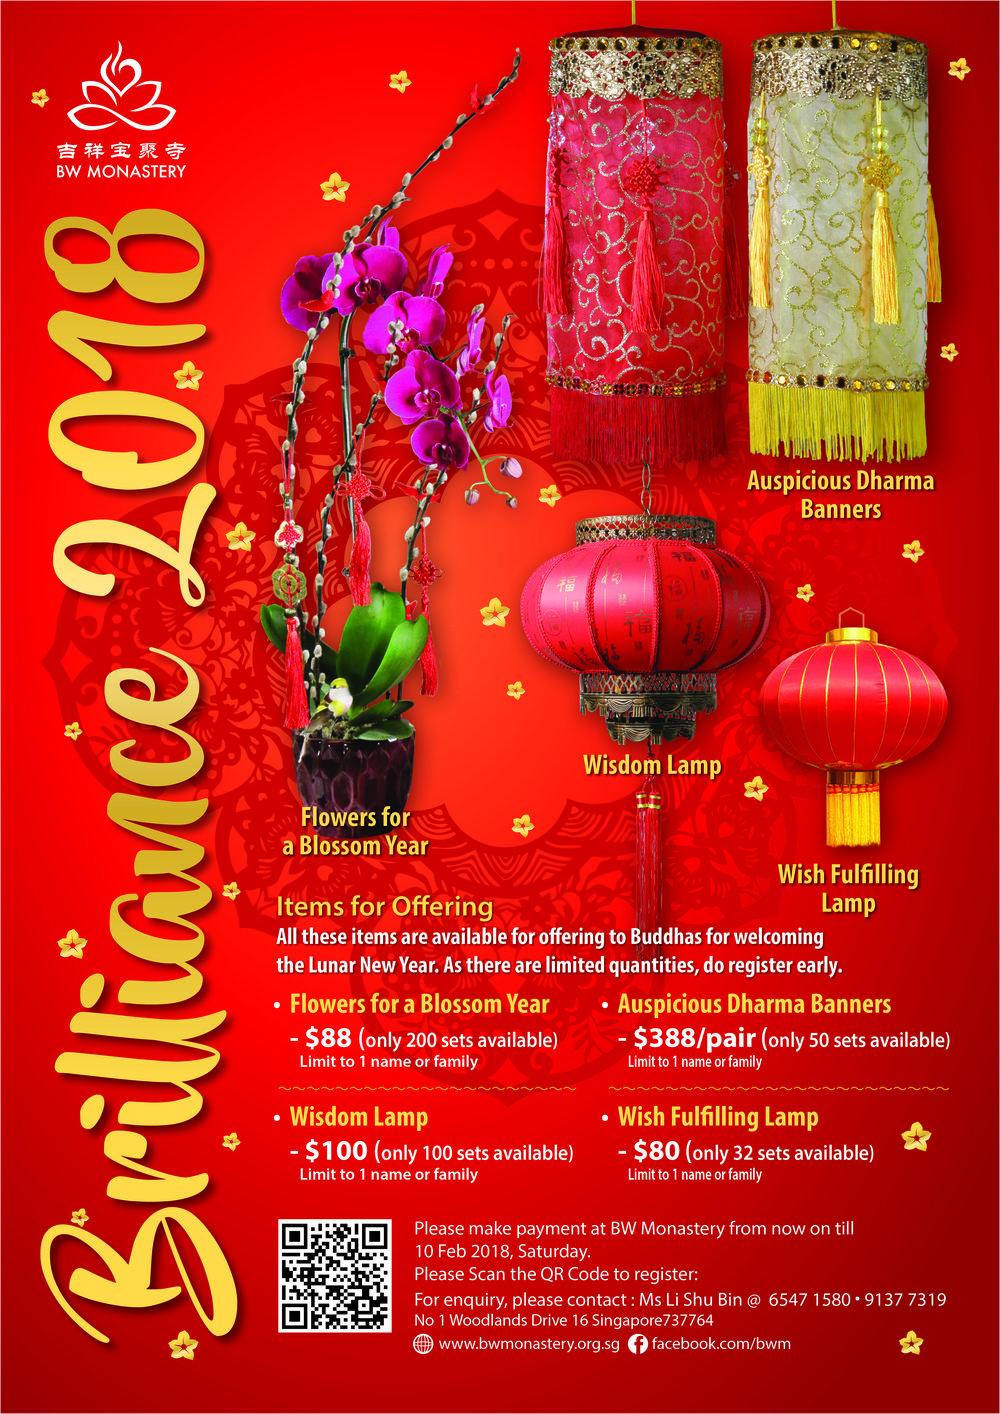 BWM_CNY Poster22 (1).jpg